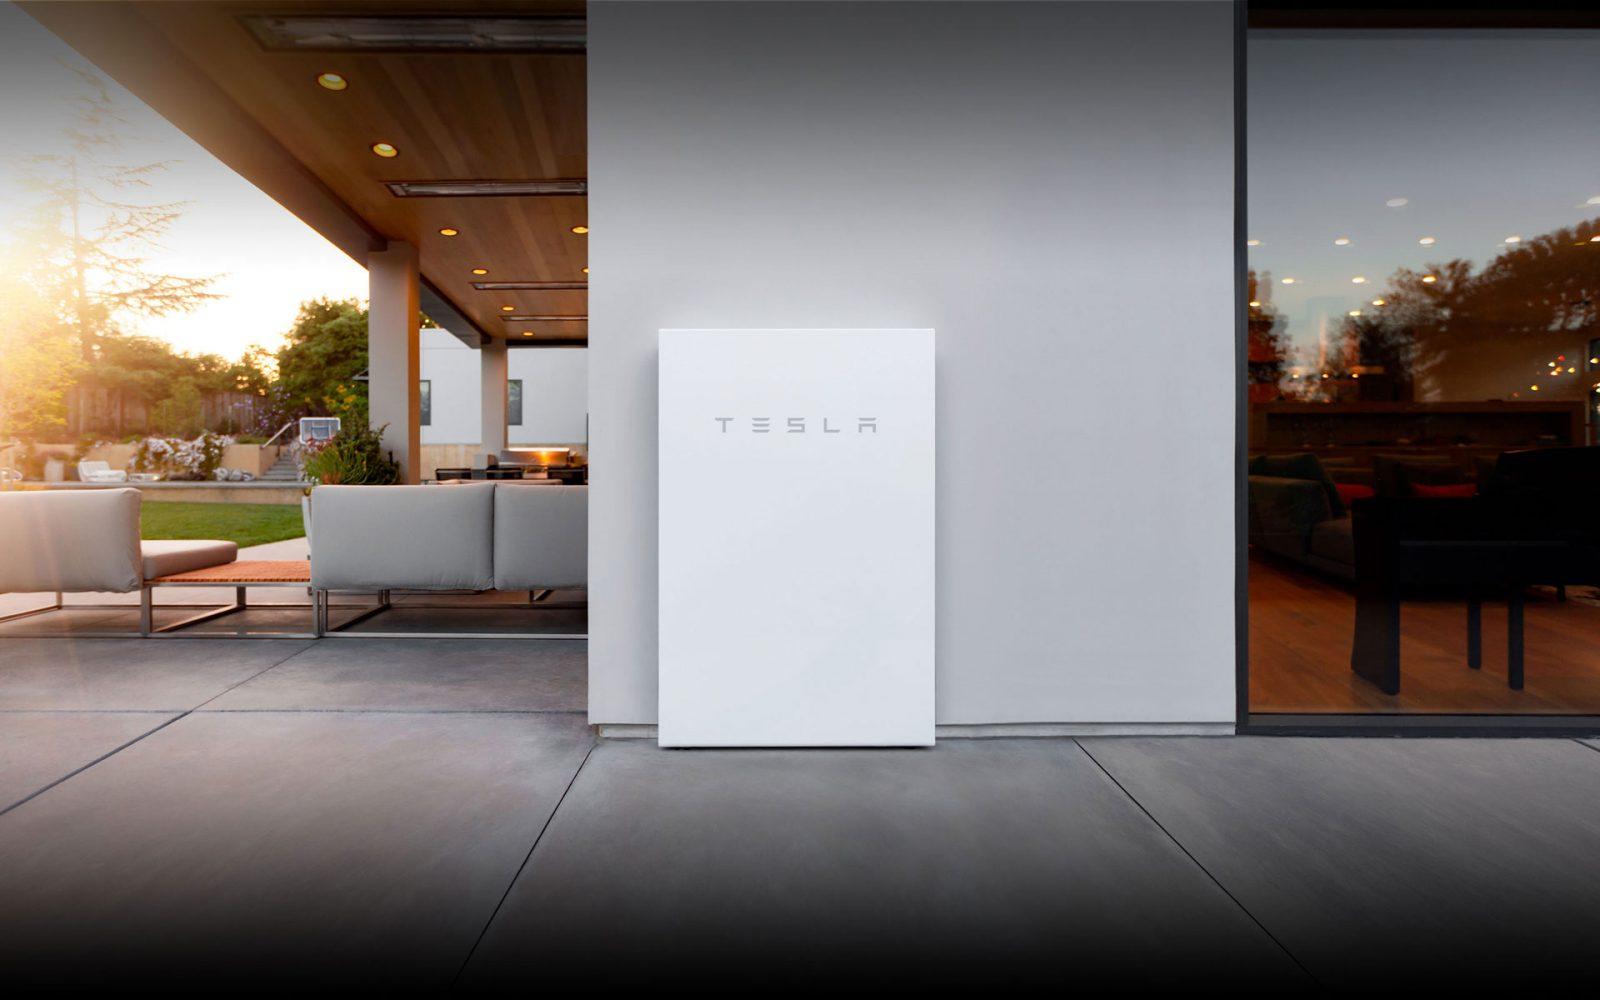 outdoor powerwall tesla battery installation